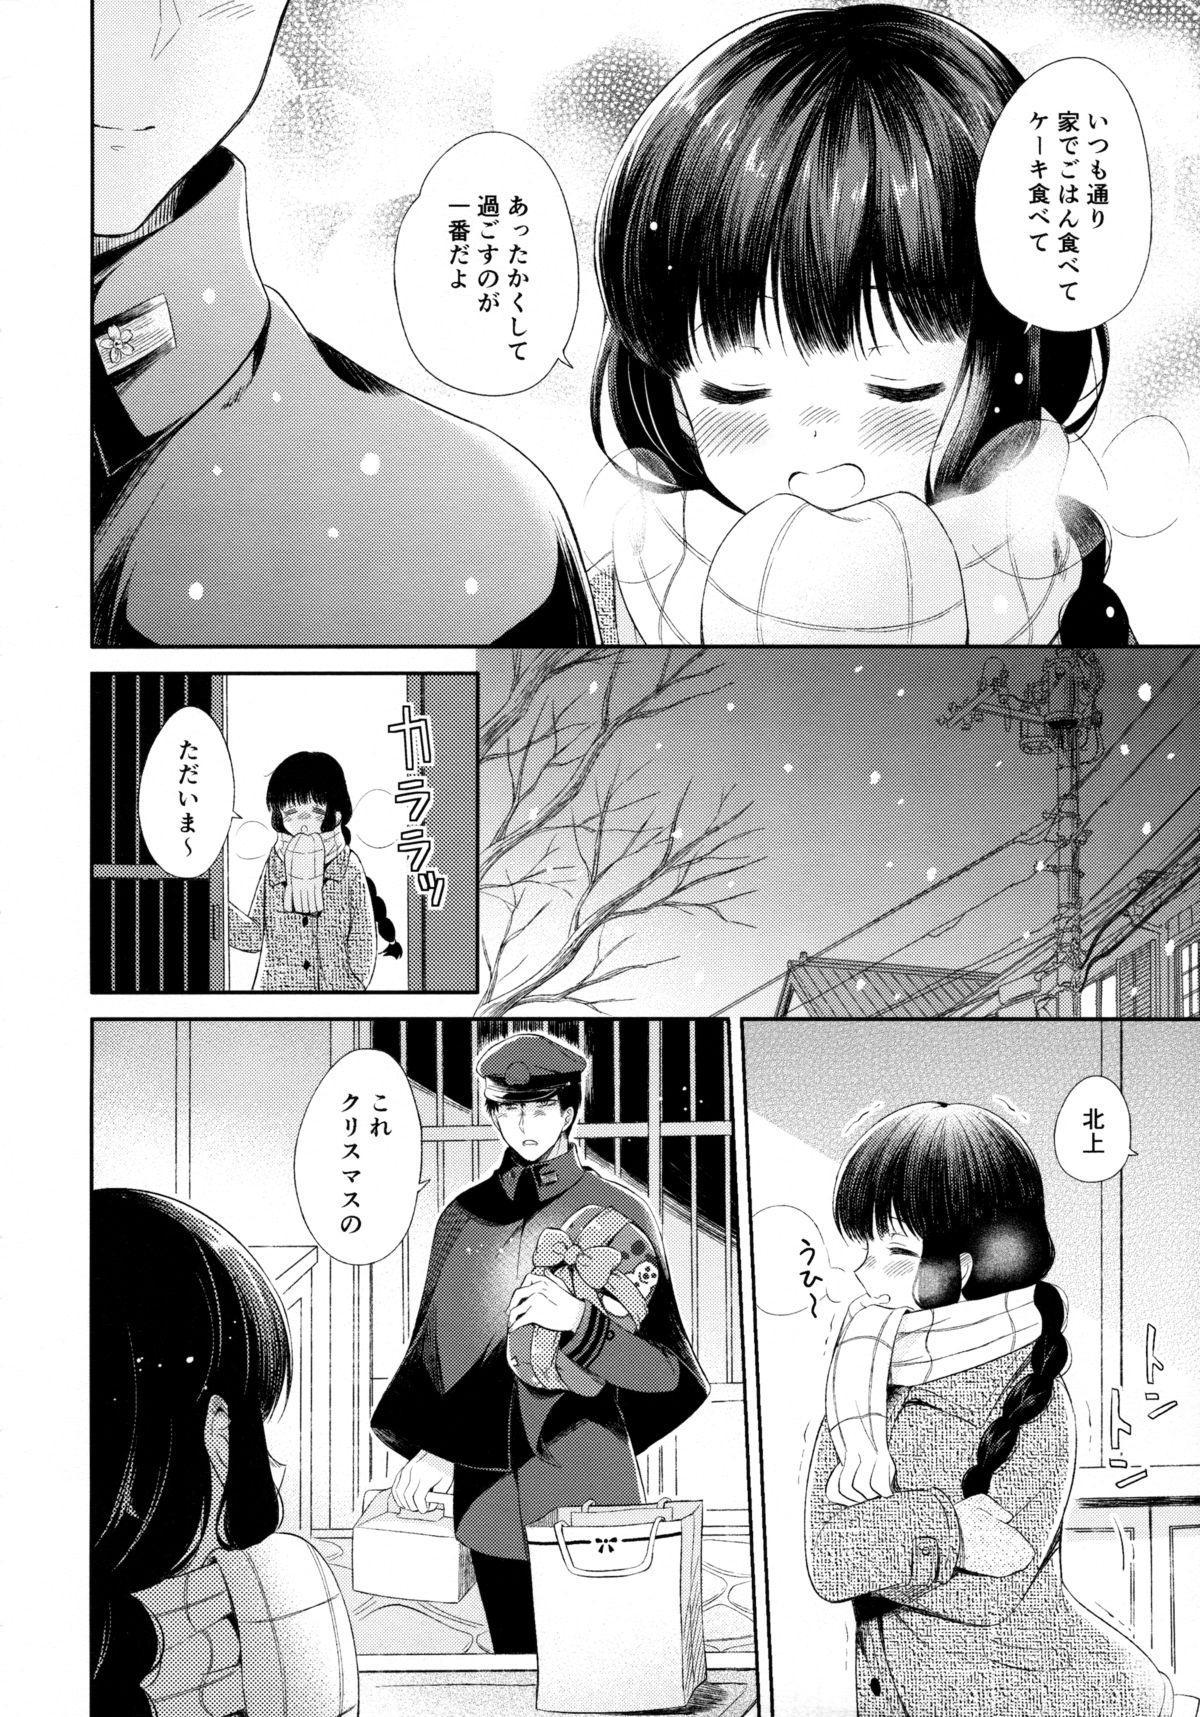 Kitakami-san to Teitoku ga Zutto Issho ni Kurasu Ohanashi. 6